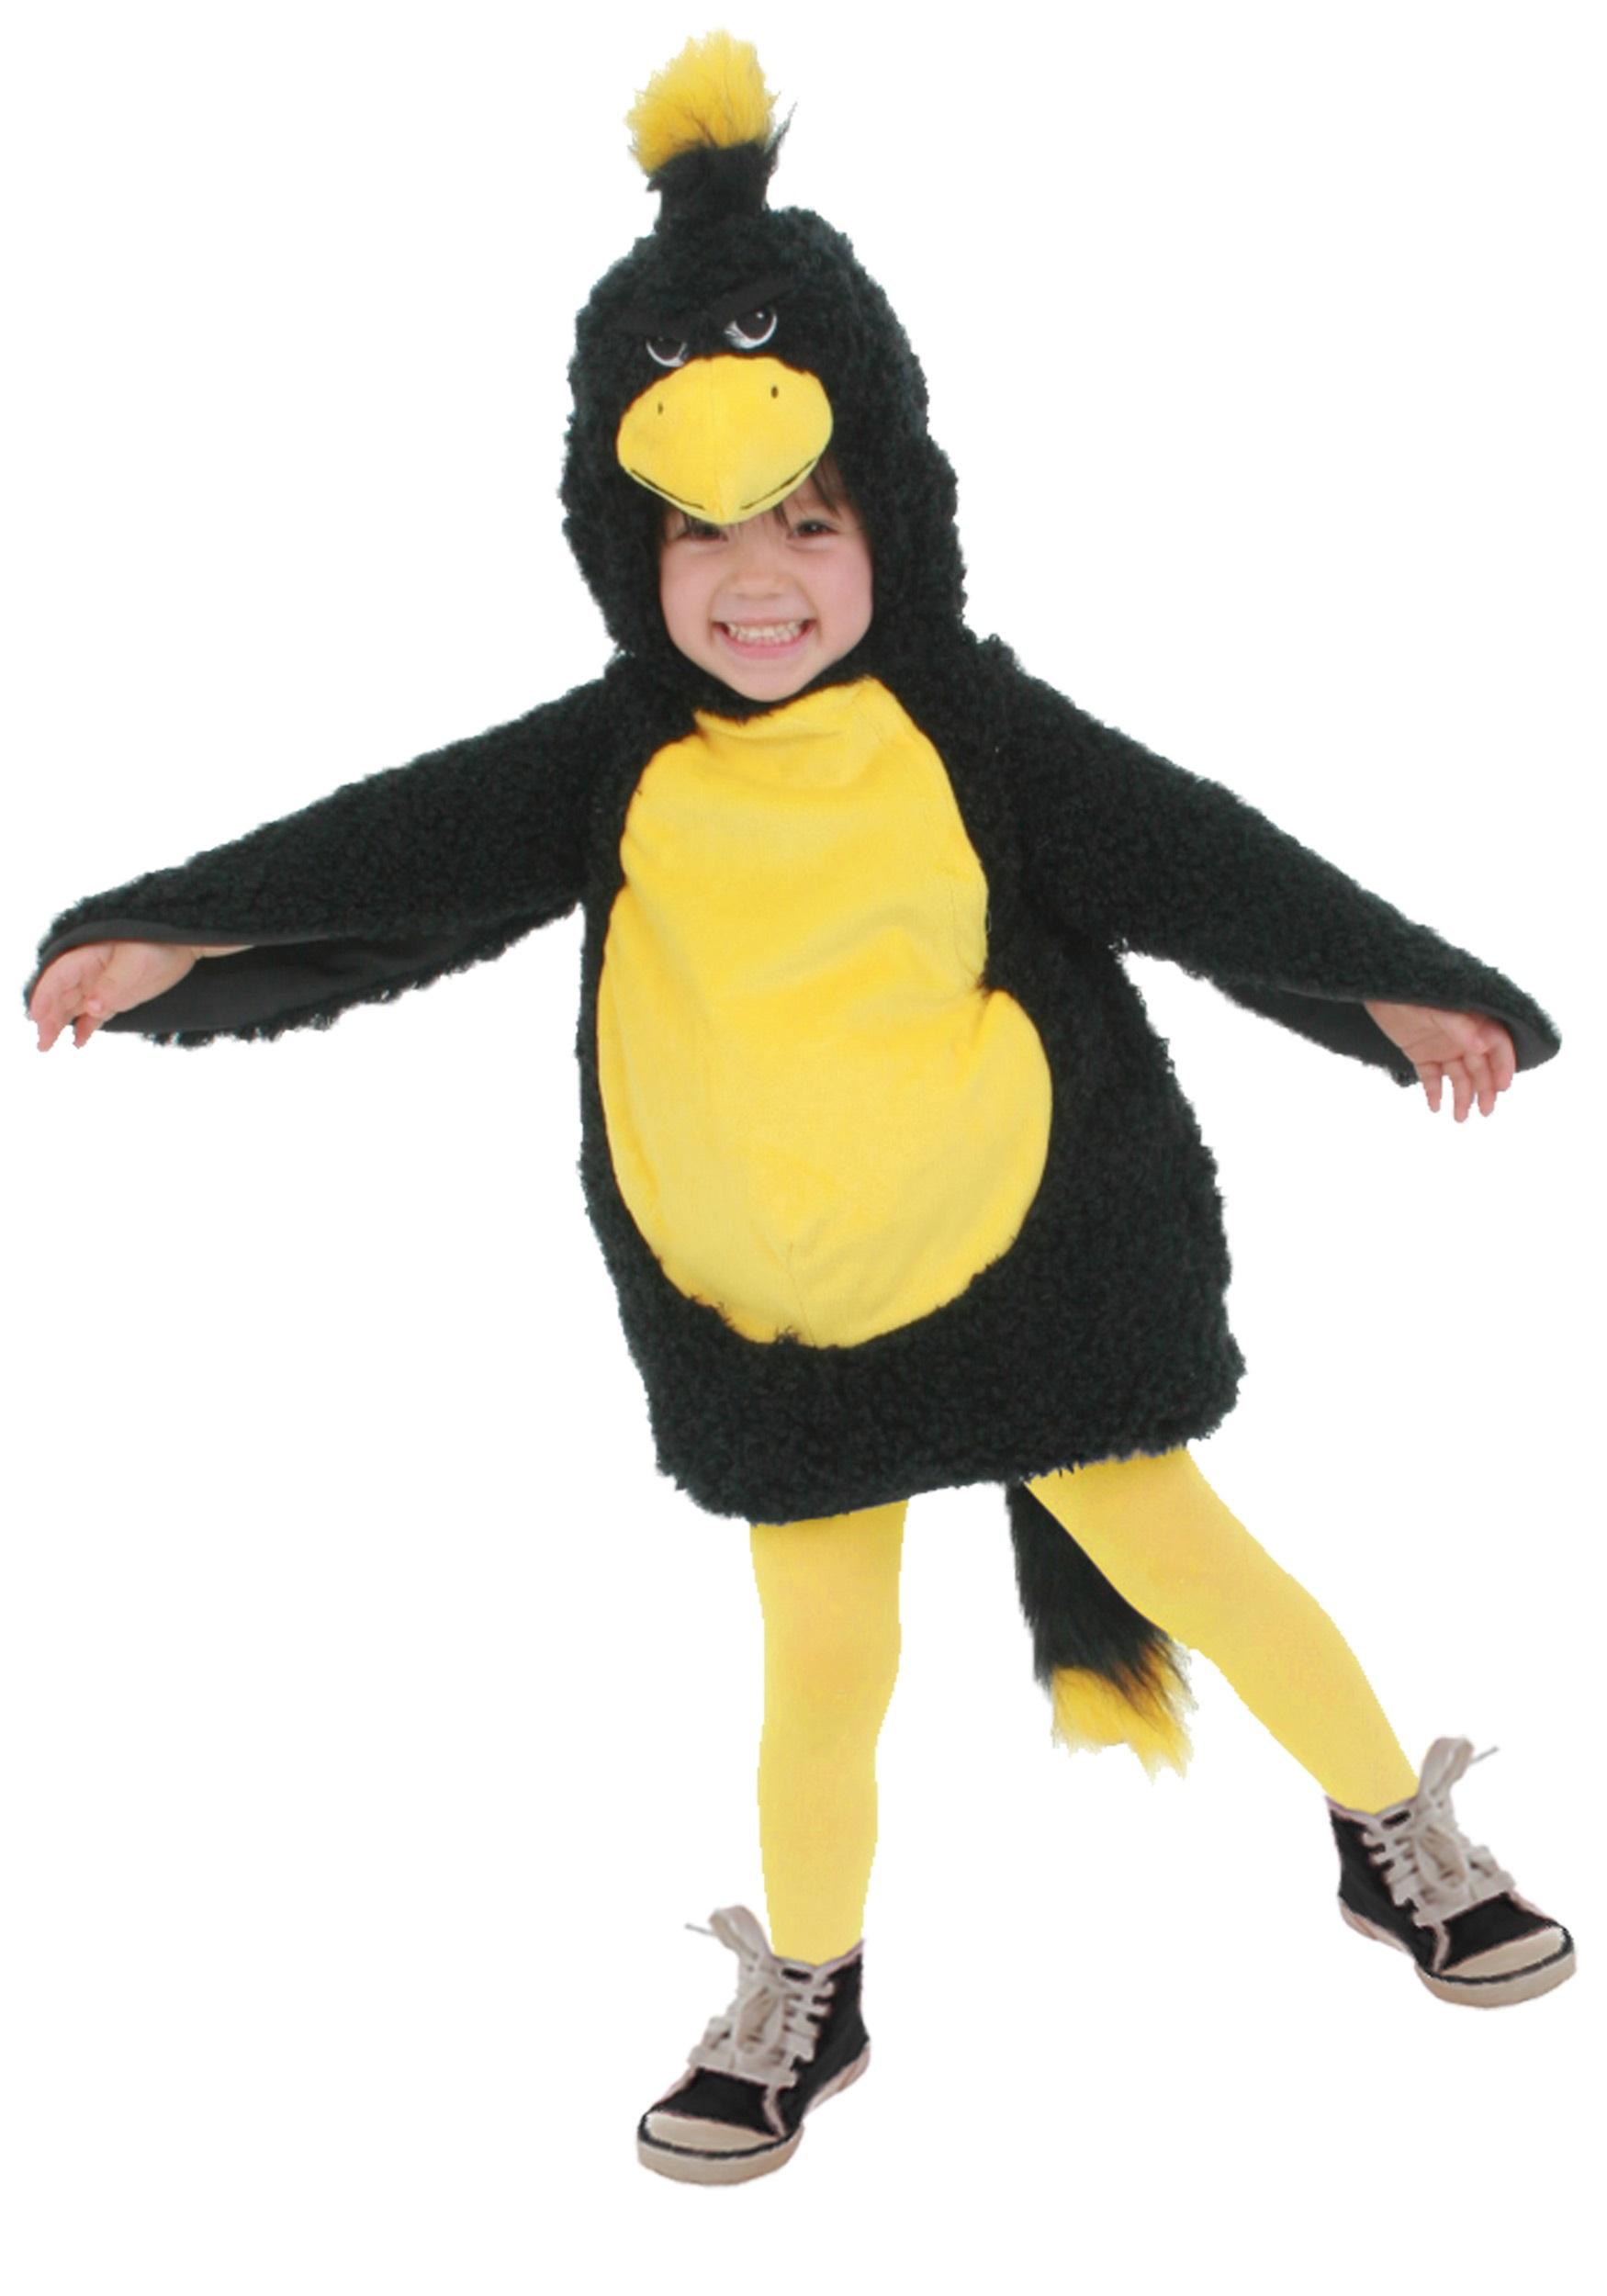 Paukščių, vabzdžių, drugelių karnavalinių kostiumų nuoma. Karnavalinių kostiumų katologas